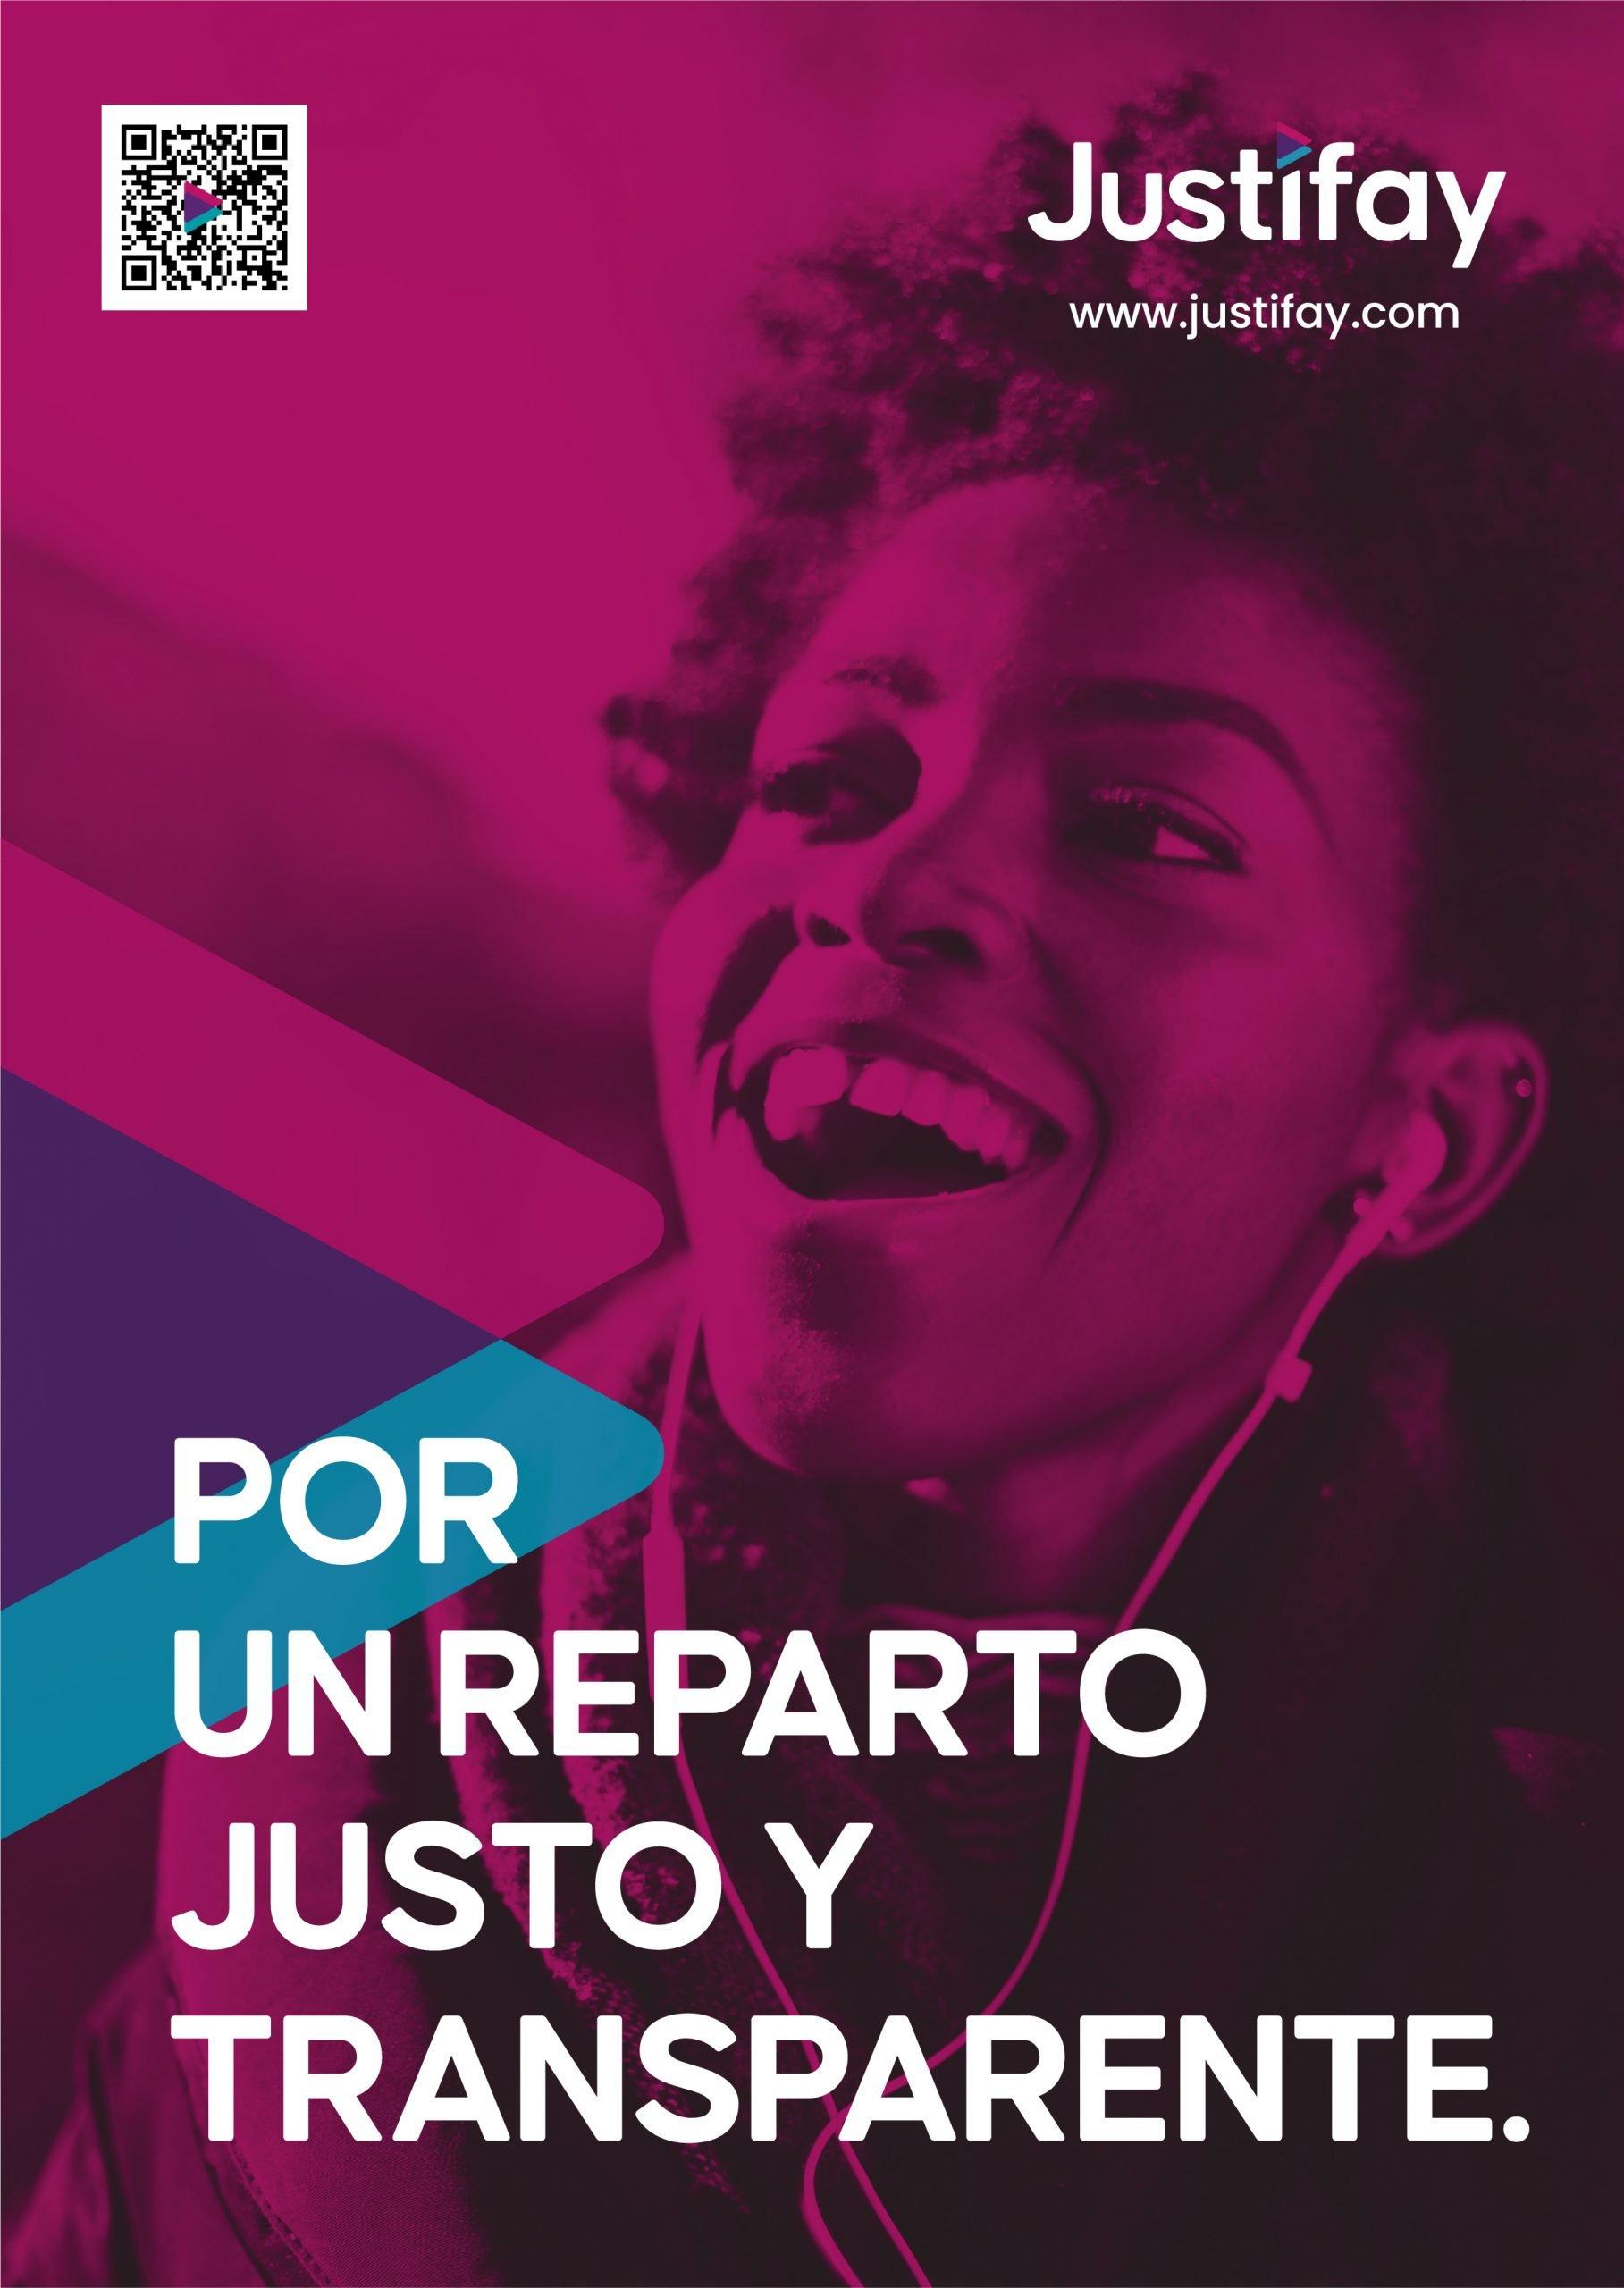 JUSTIFAY cartel A4 - Justo y Transparente